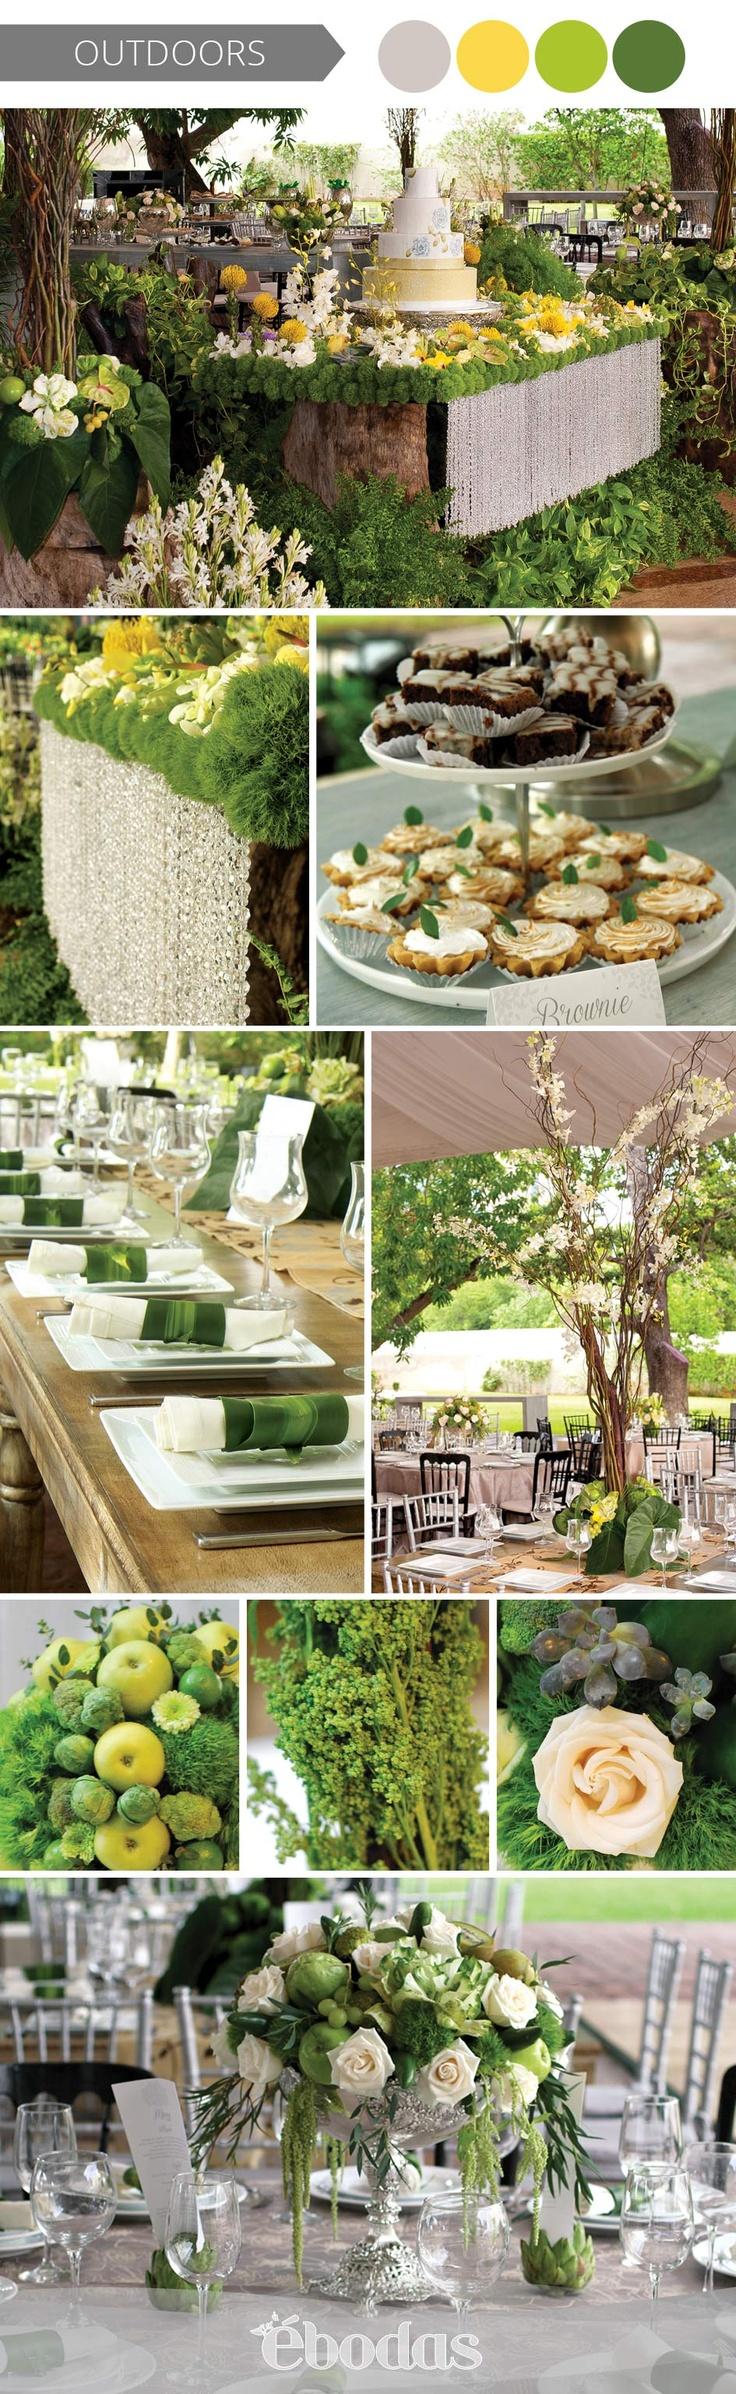 Un estilo orgánico, para una boda tipo green wedding,boda Lina Solís  #WeddingIdeas #ebodas #WeddingMagazine#floraldesign#verde